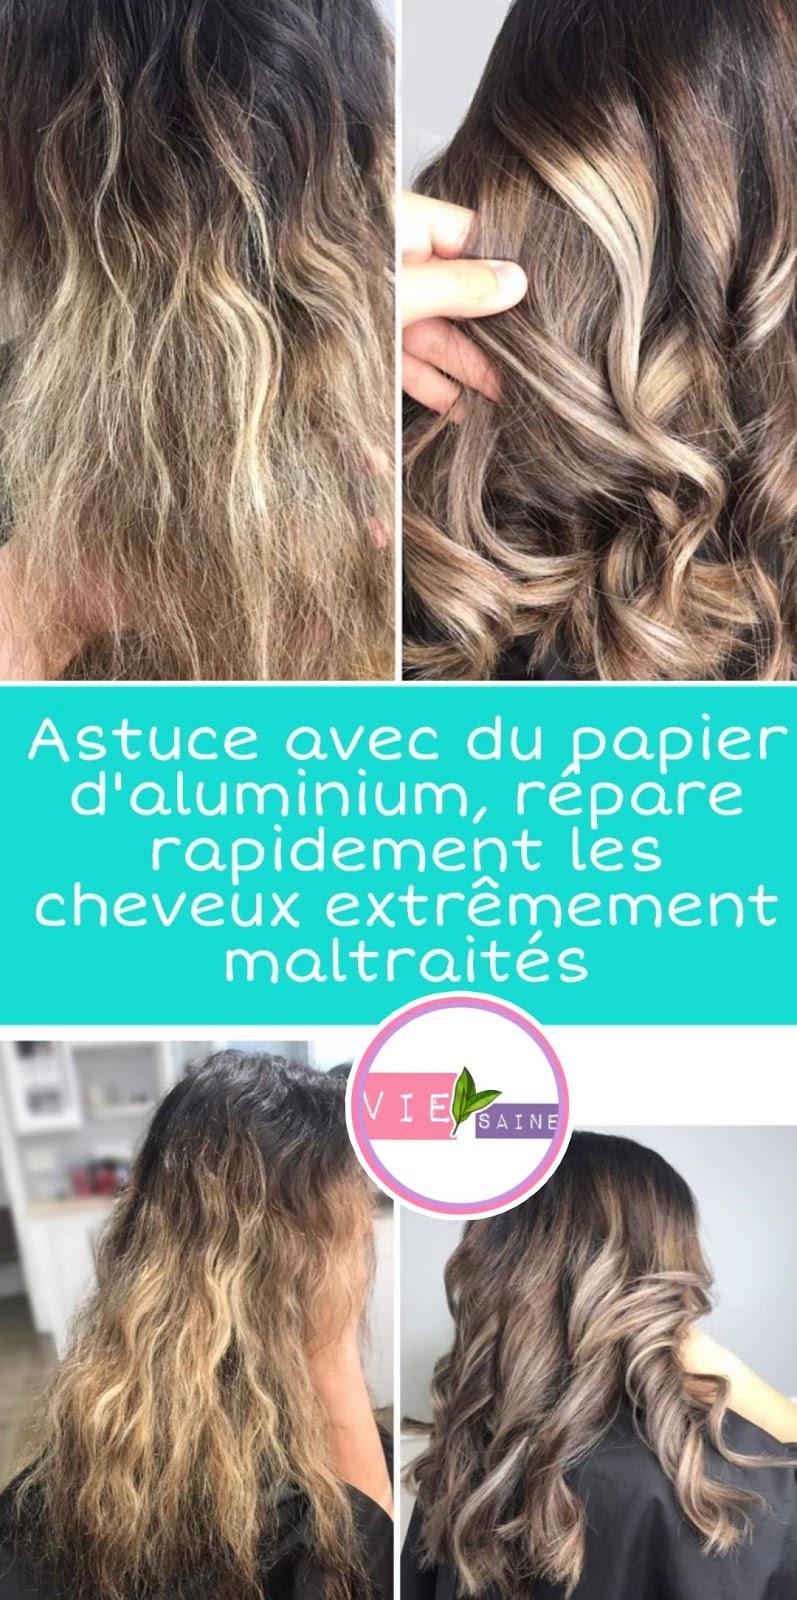 Astuce avec du papier d'aluminium, répare rapidement les cheveux extrêmement maltraités